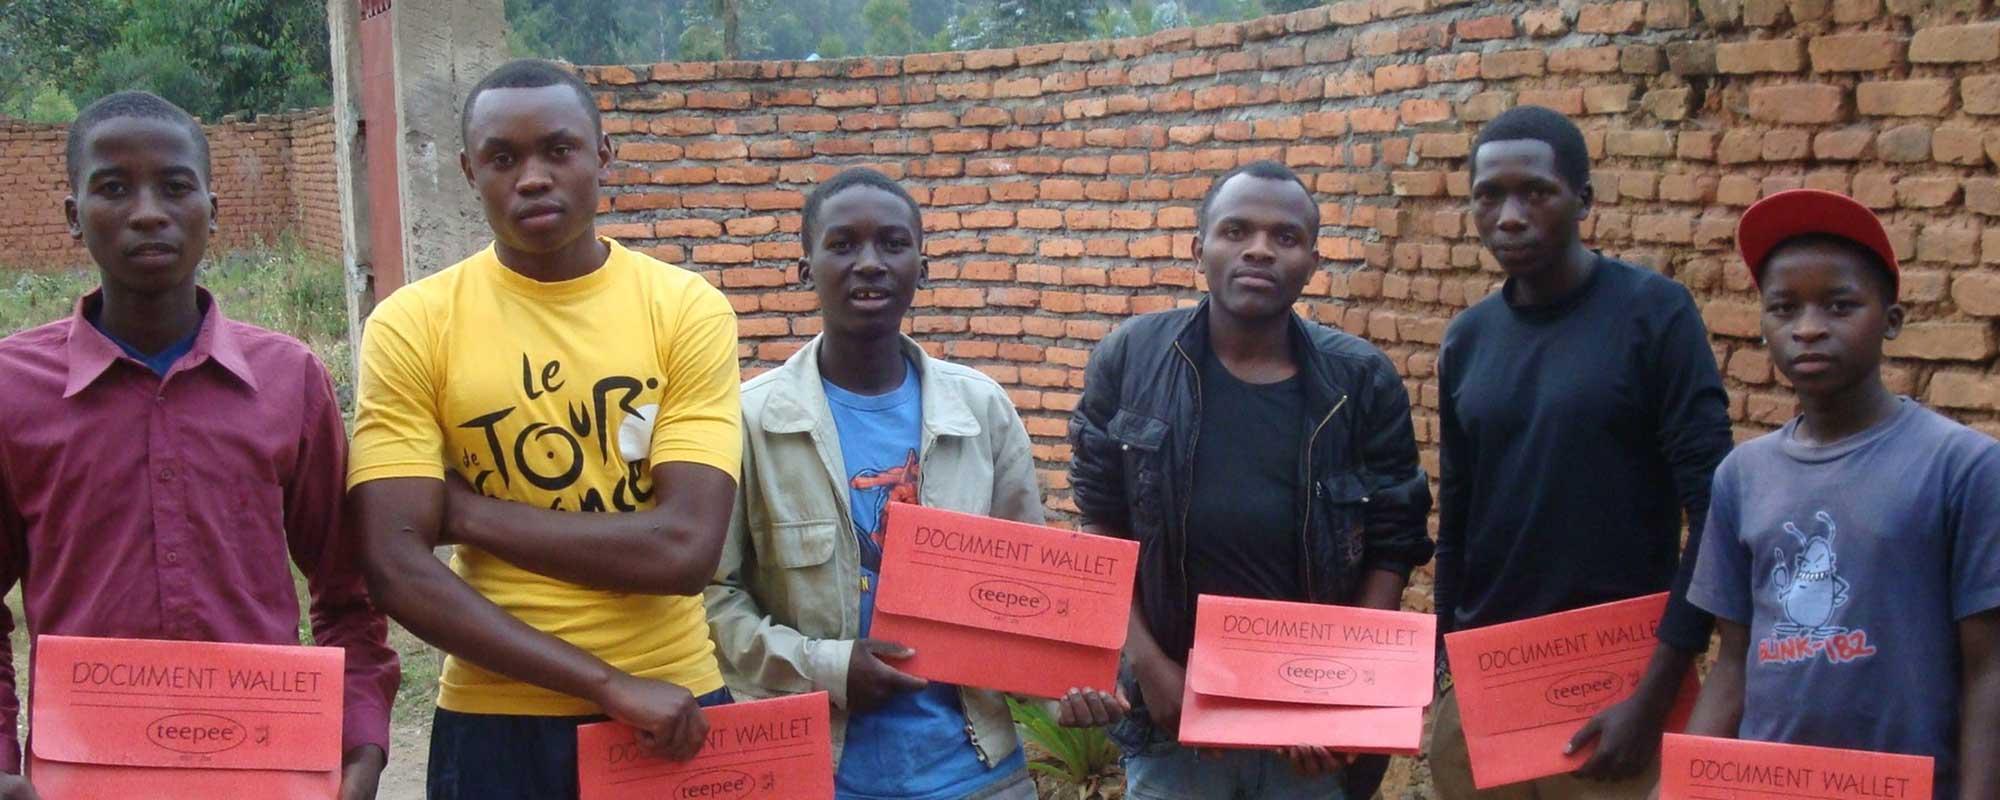 Rwanda Friends Peace Teams